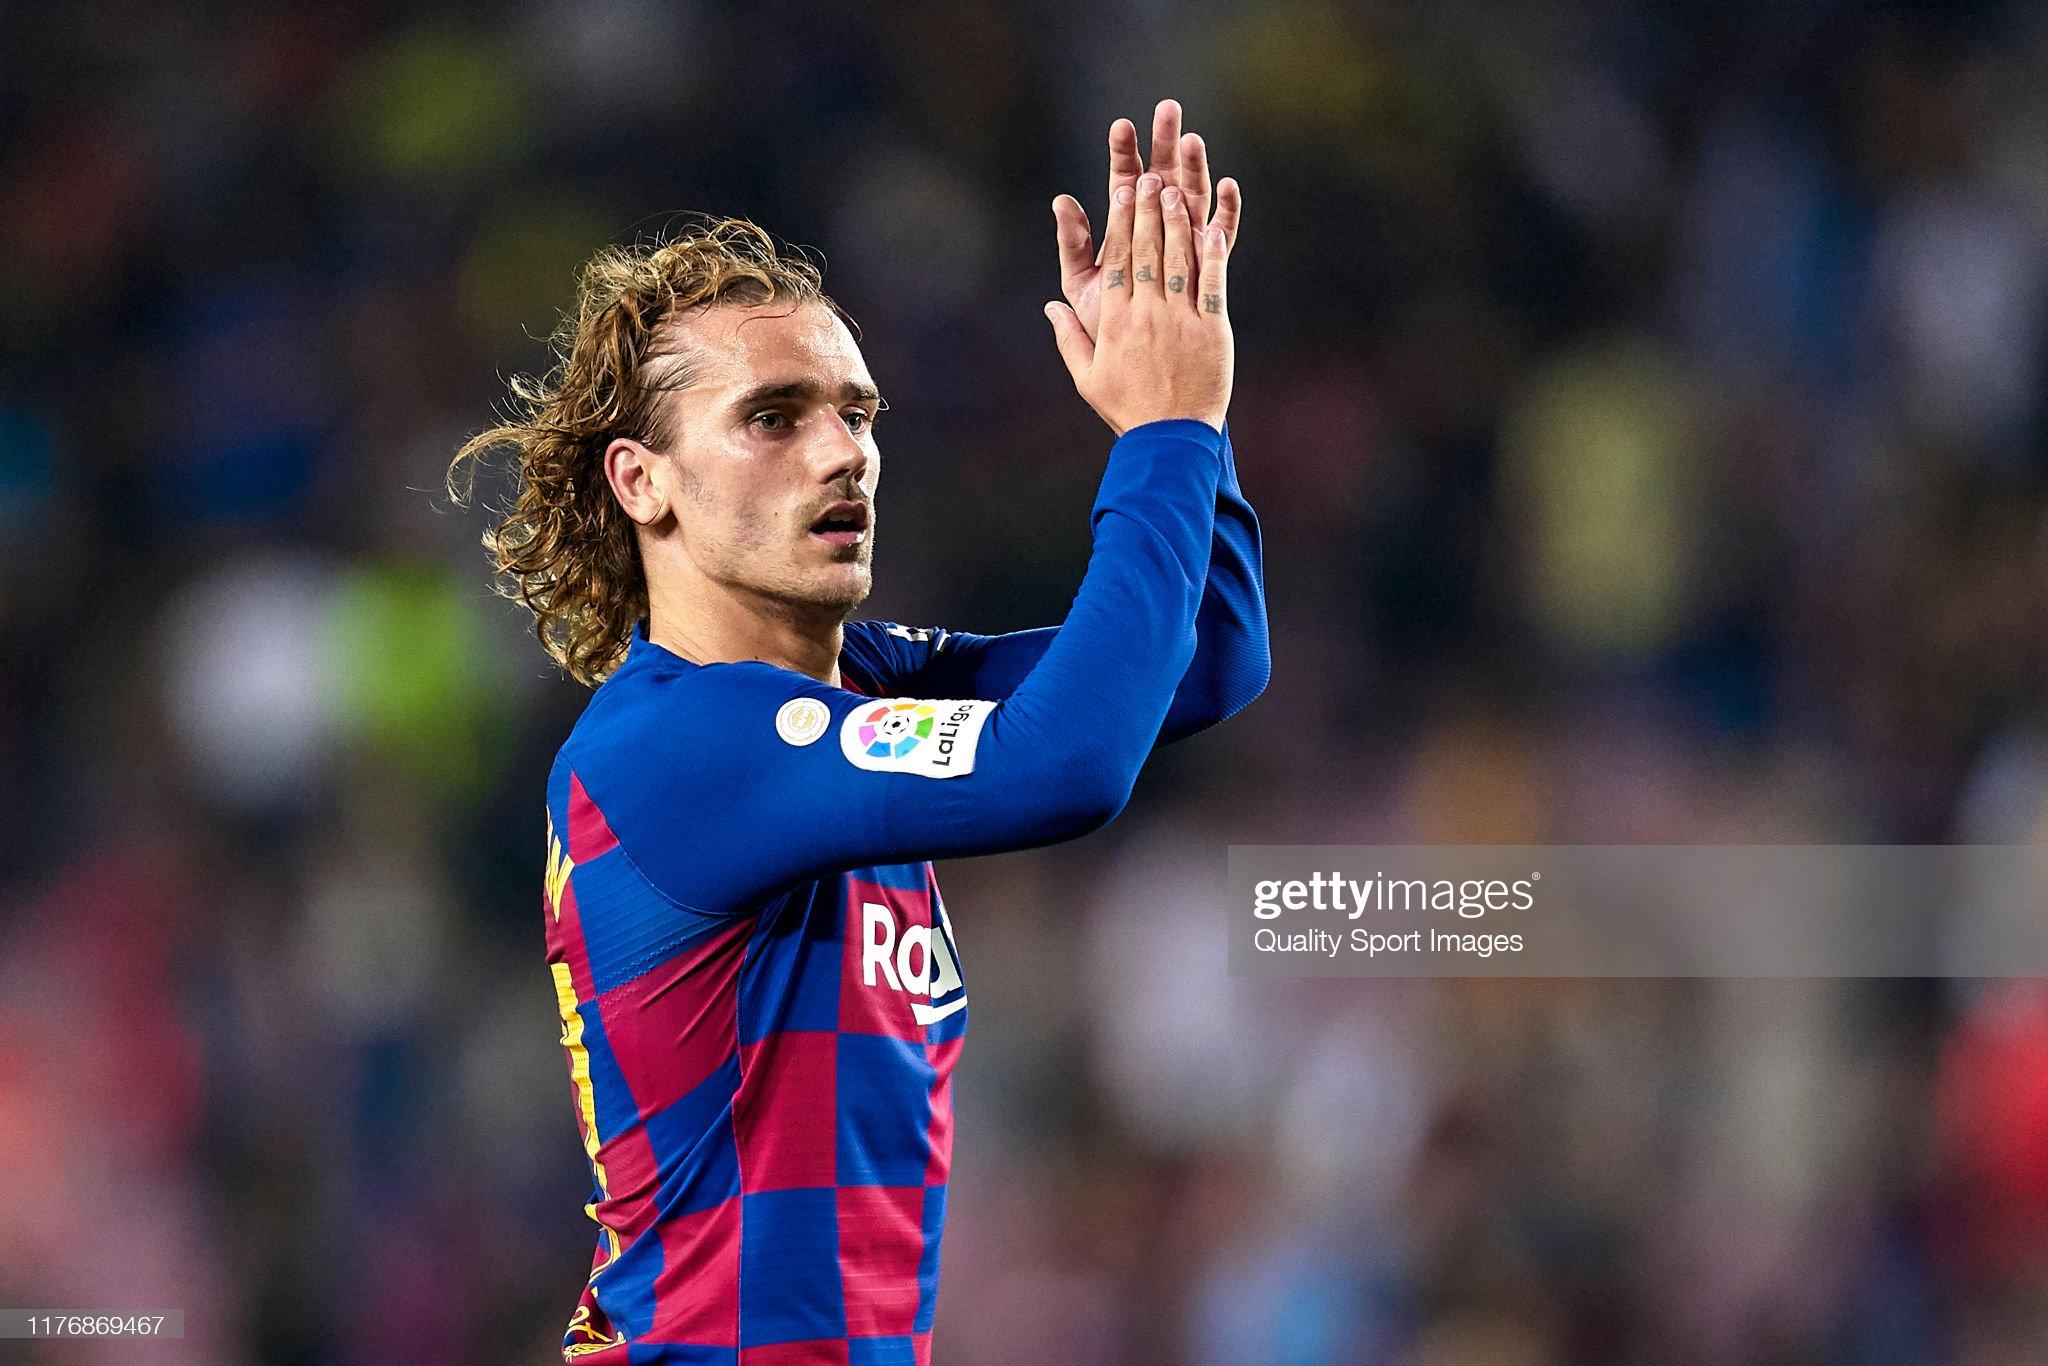 صور مباراة : برشلونة - فياريال 2-1 ( 24-09-2019 )  Antoine-griezmann-of-fc-barcelona-acknowledges-the-supporters-at-the-picture-id1176869467?s=2048x2048